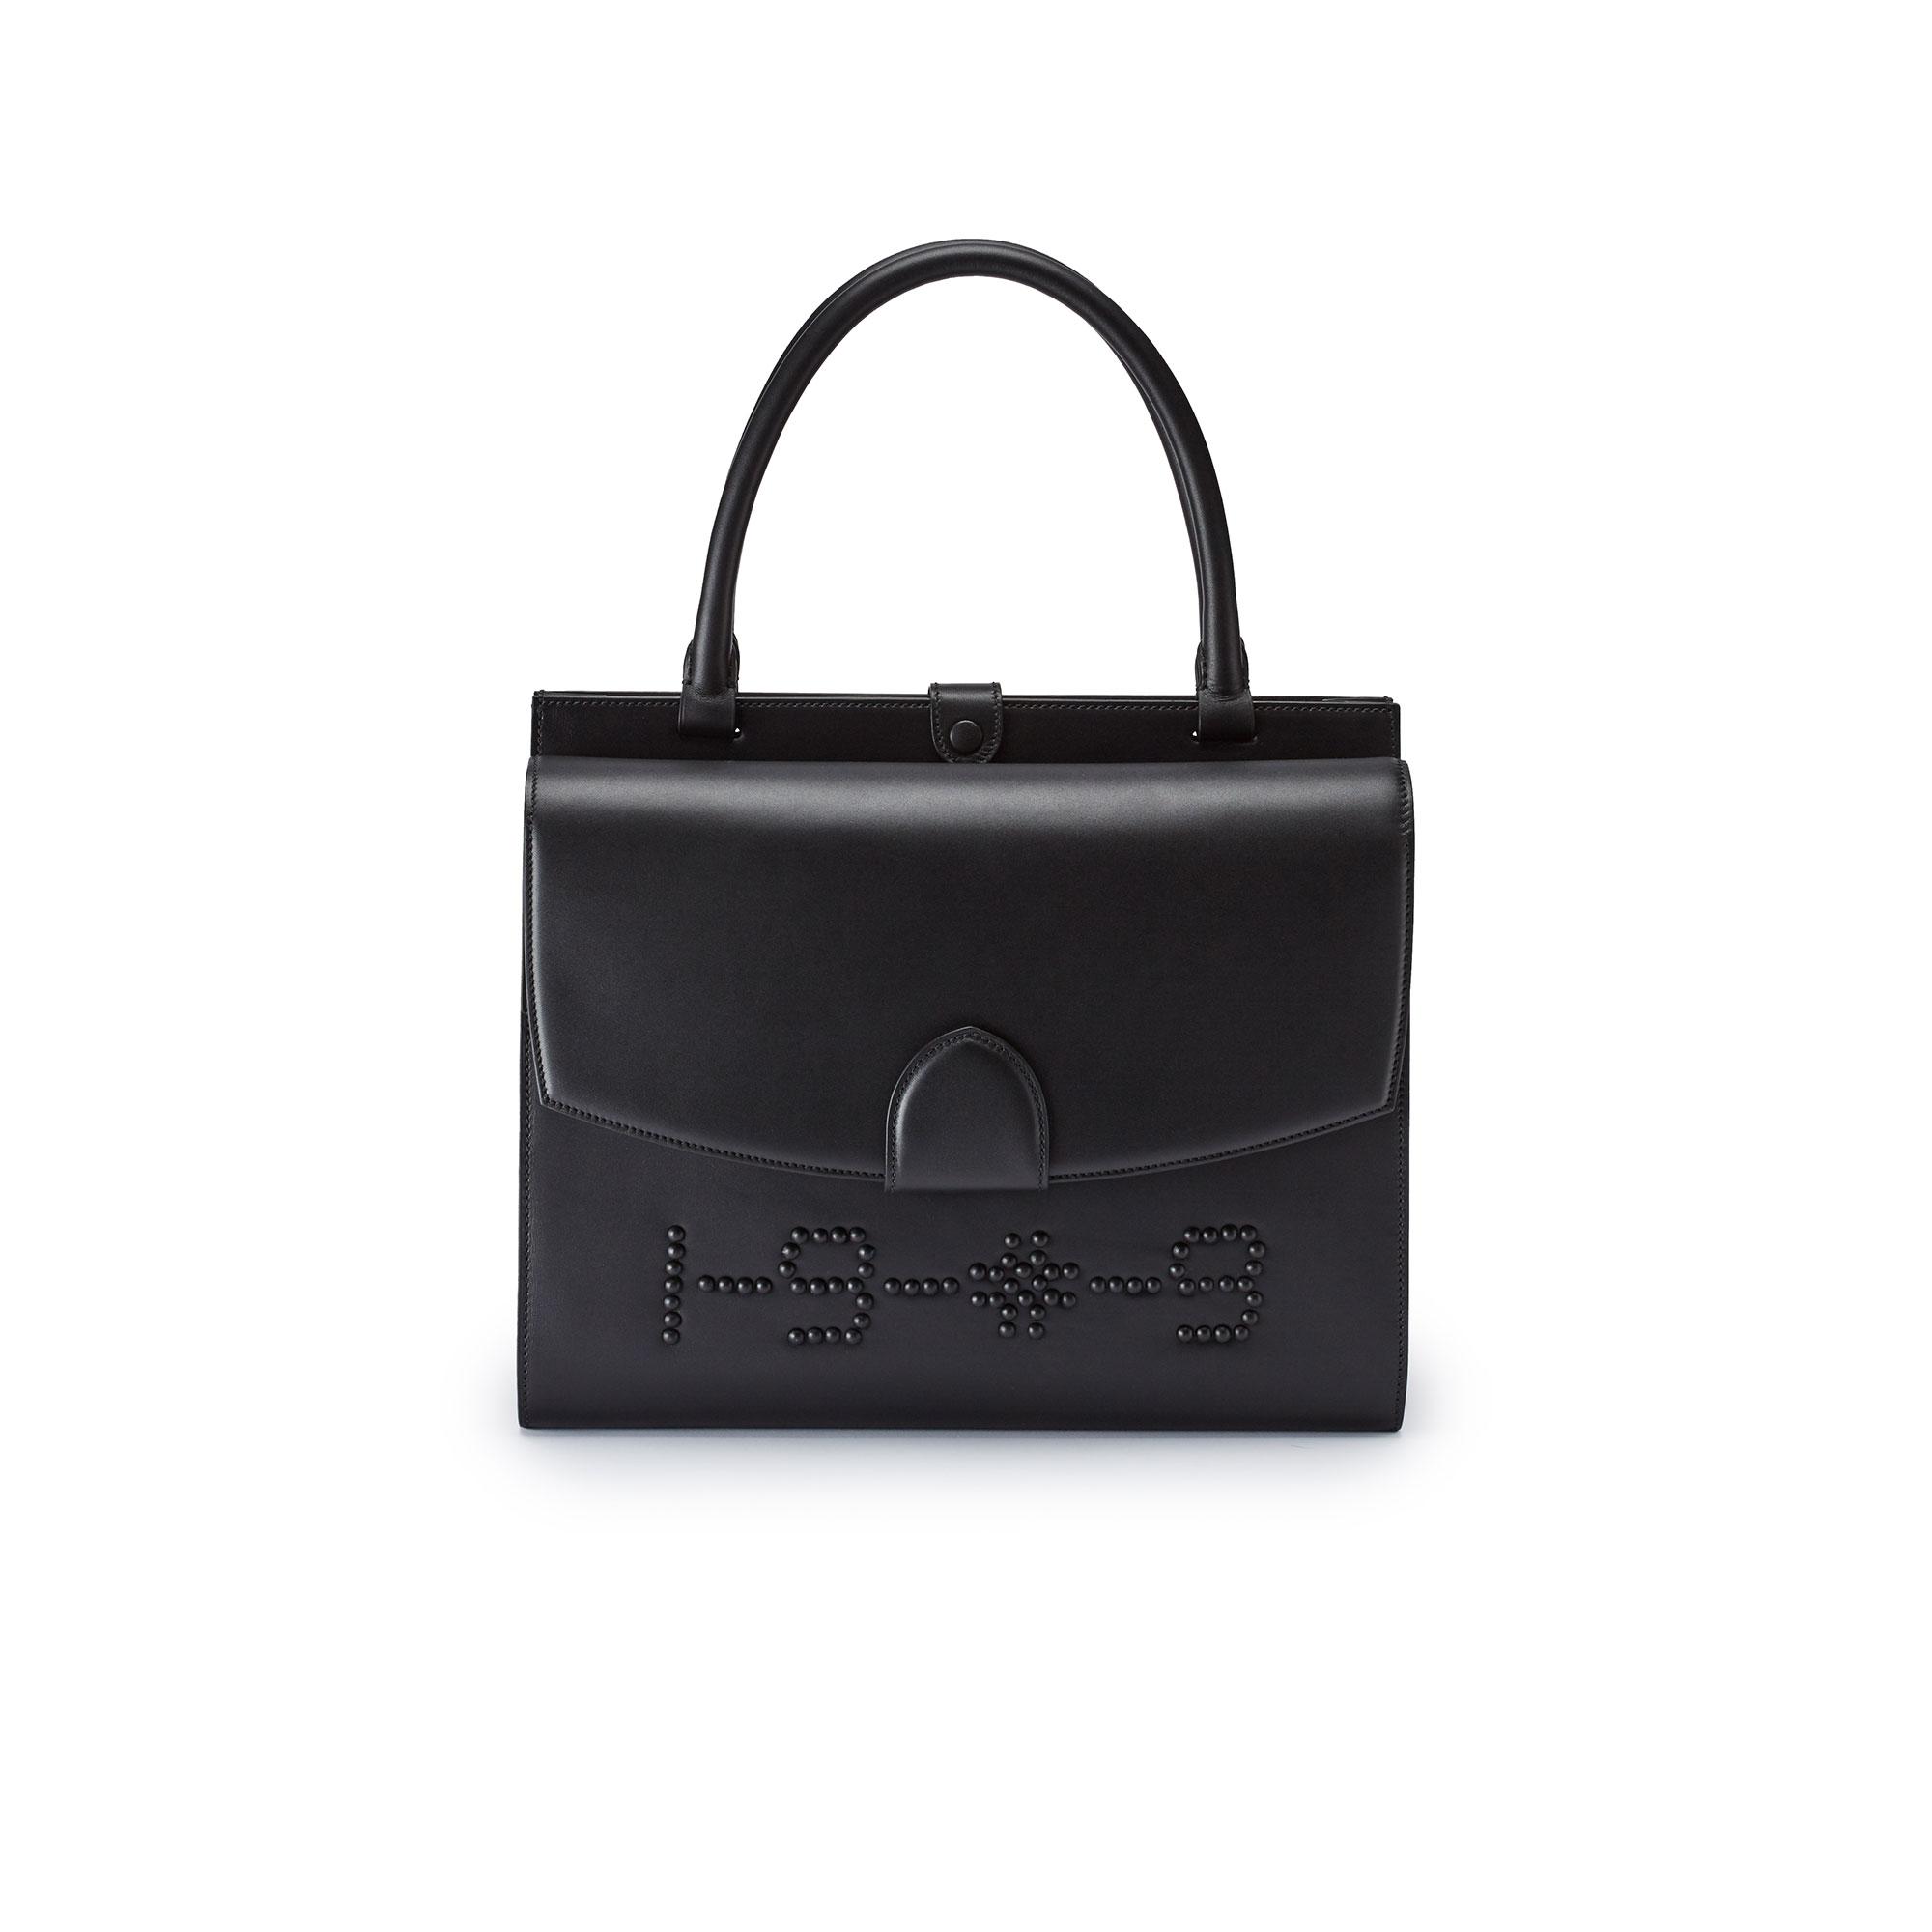 Double-Dafne-black-french-calf-bag-Bertoni-1949